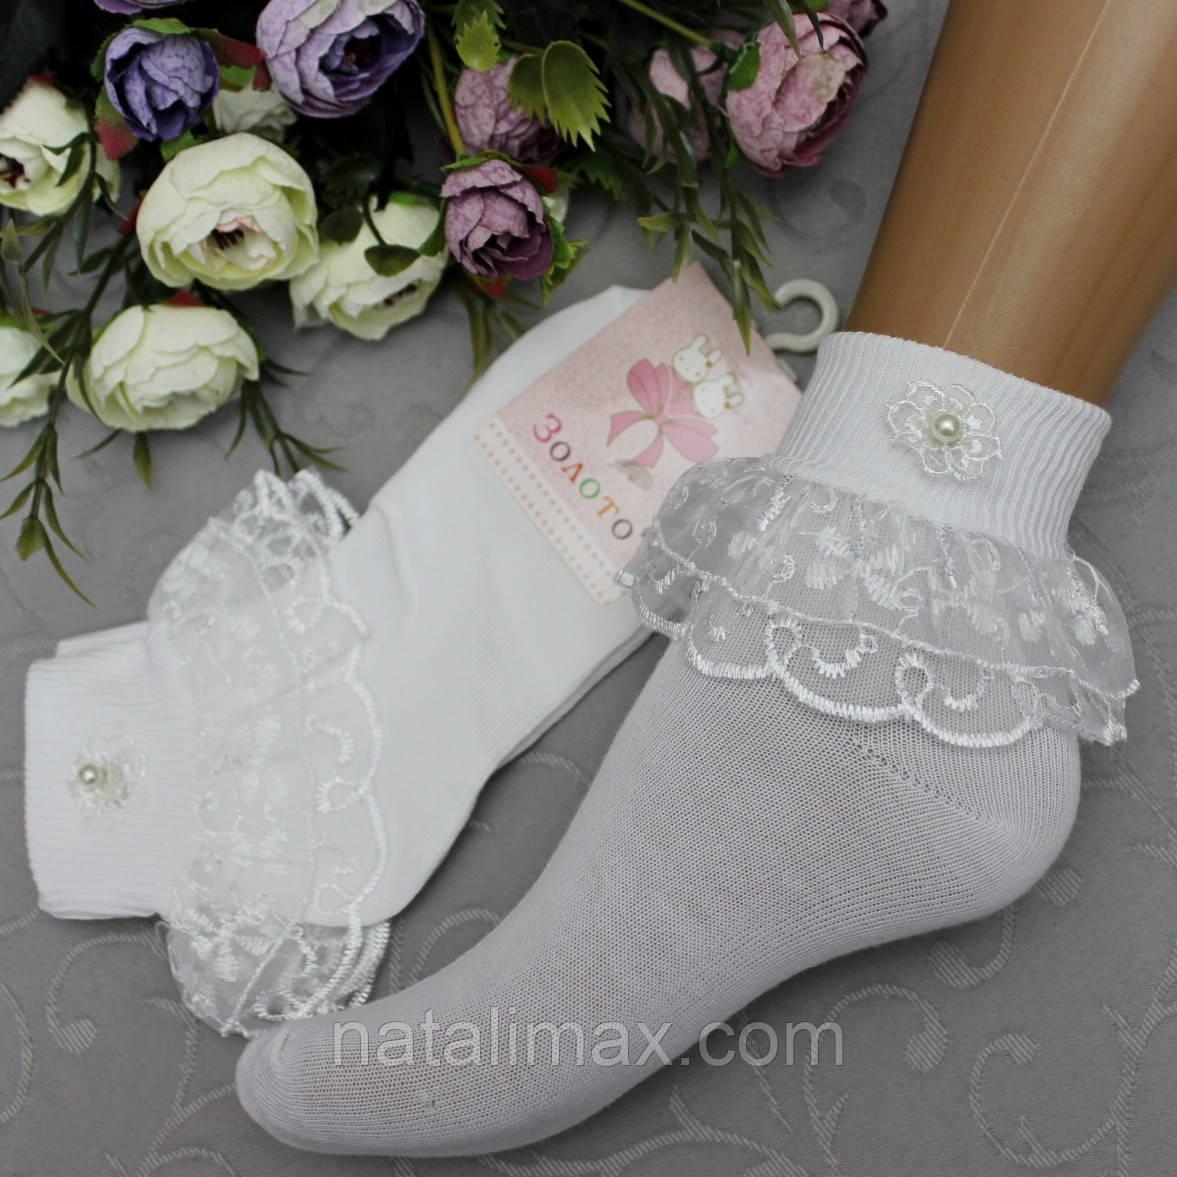 Носки белые для девочек , размер 14-16 см (по длине стопы).  Нарядные белые носочки с кружевной оборочкой